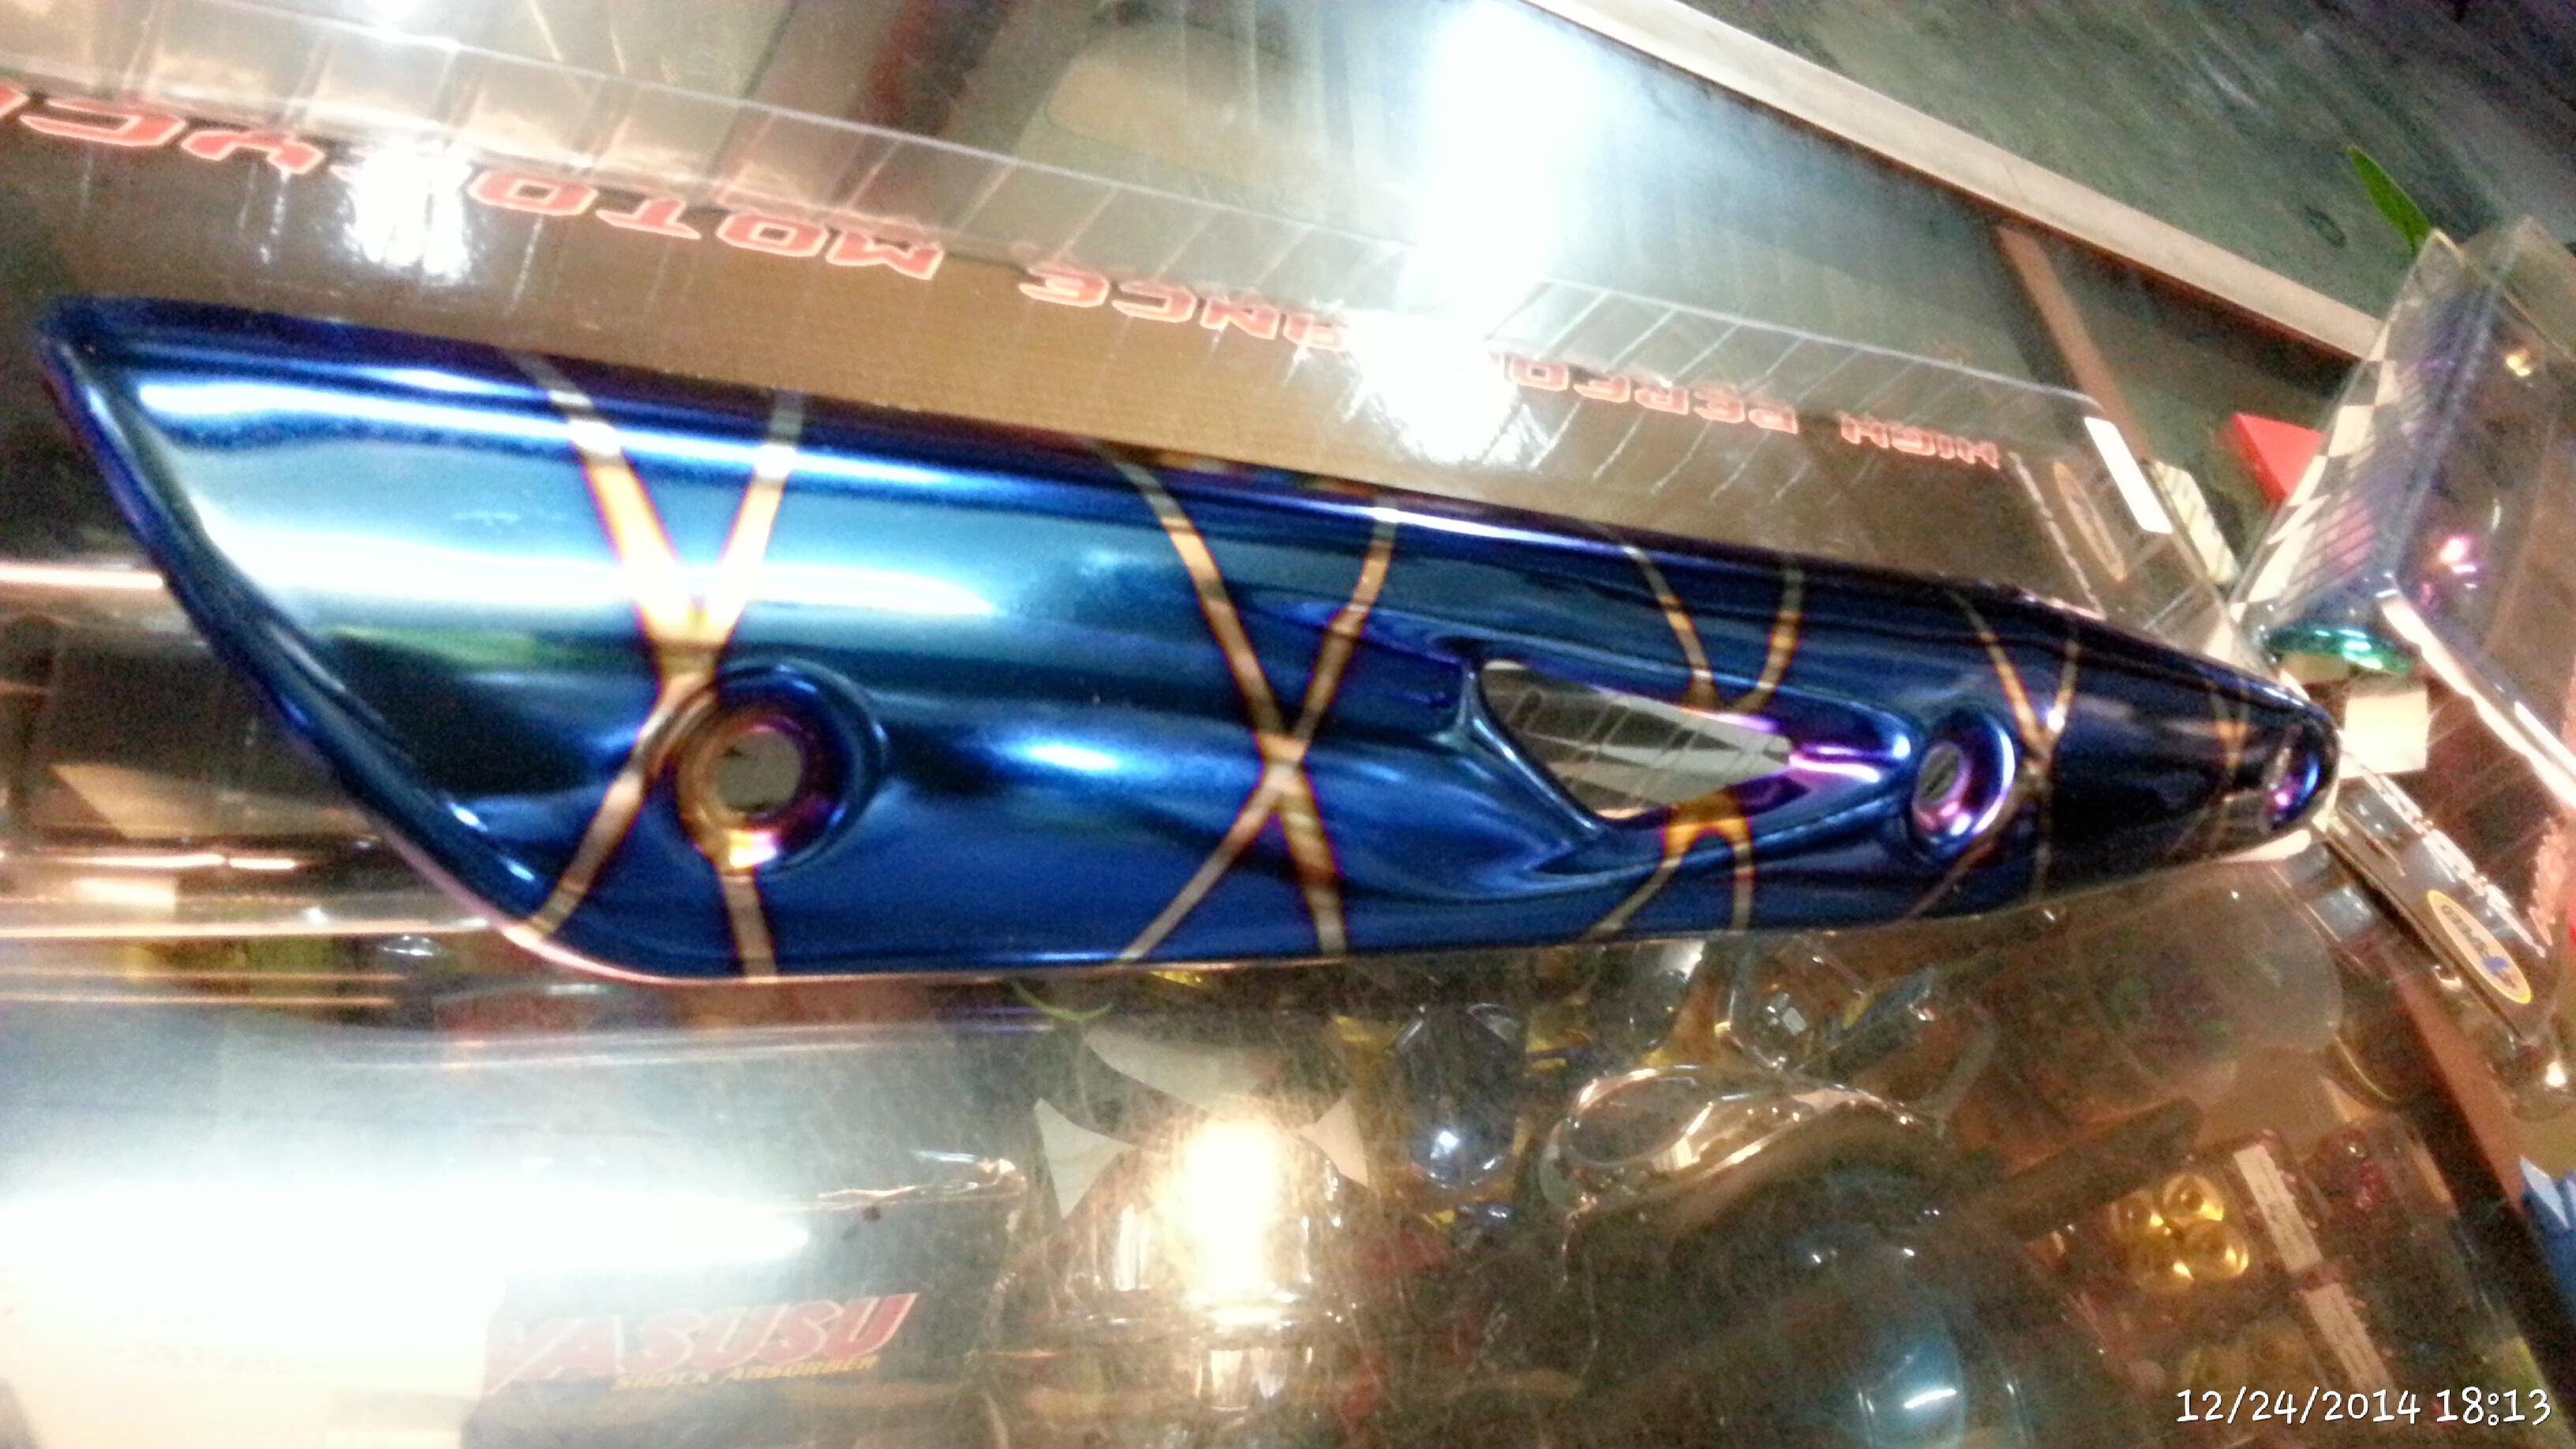 กันร้อนท่อ wave 125 i สีน้ำเงินลาย รุ่นหนา